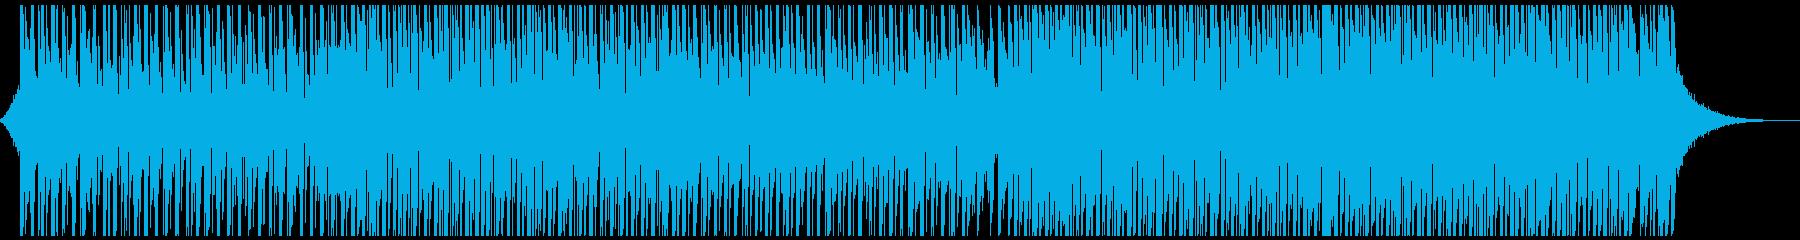 ハッピーダンス(ミディアム)の再生済みの波形